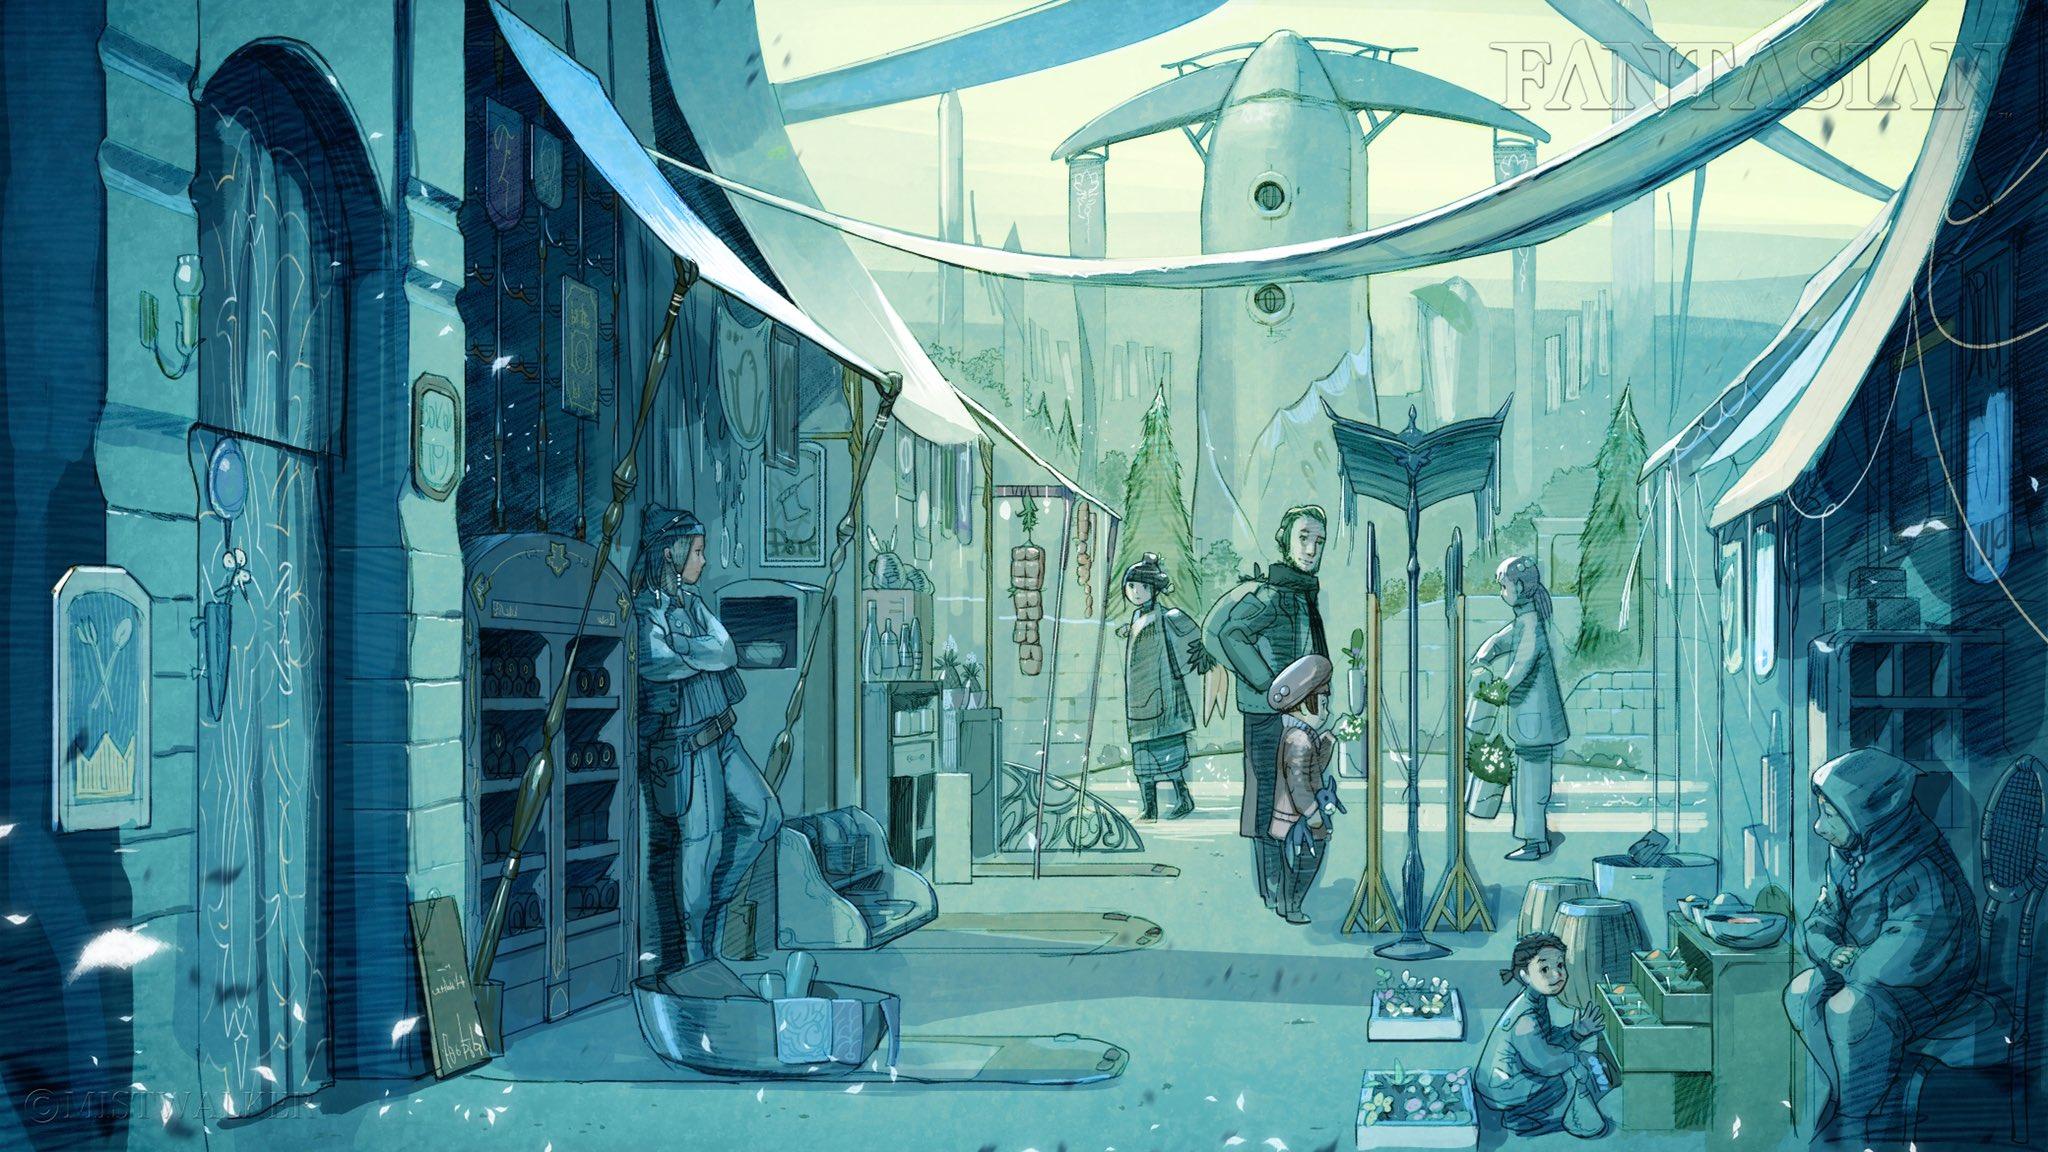 坂口博信晒新游《Fantasian》截图 街区日常一景风格奇幻